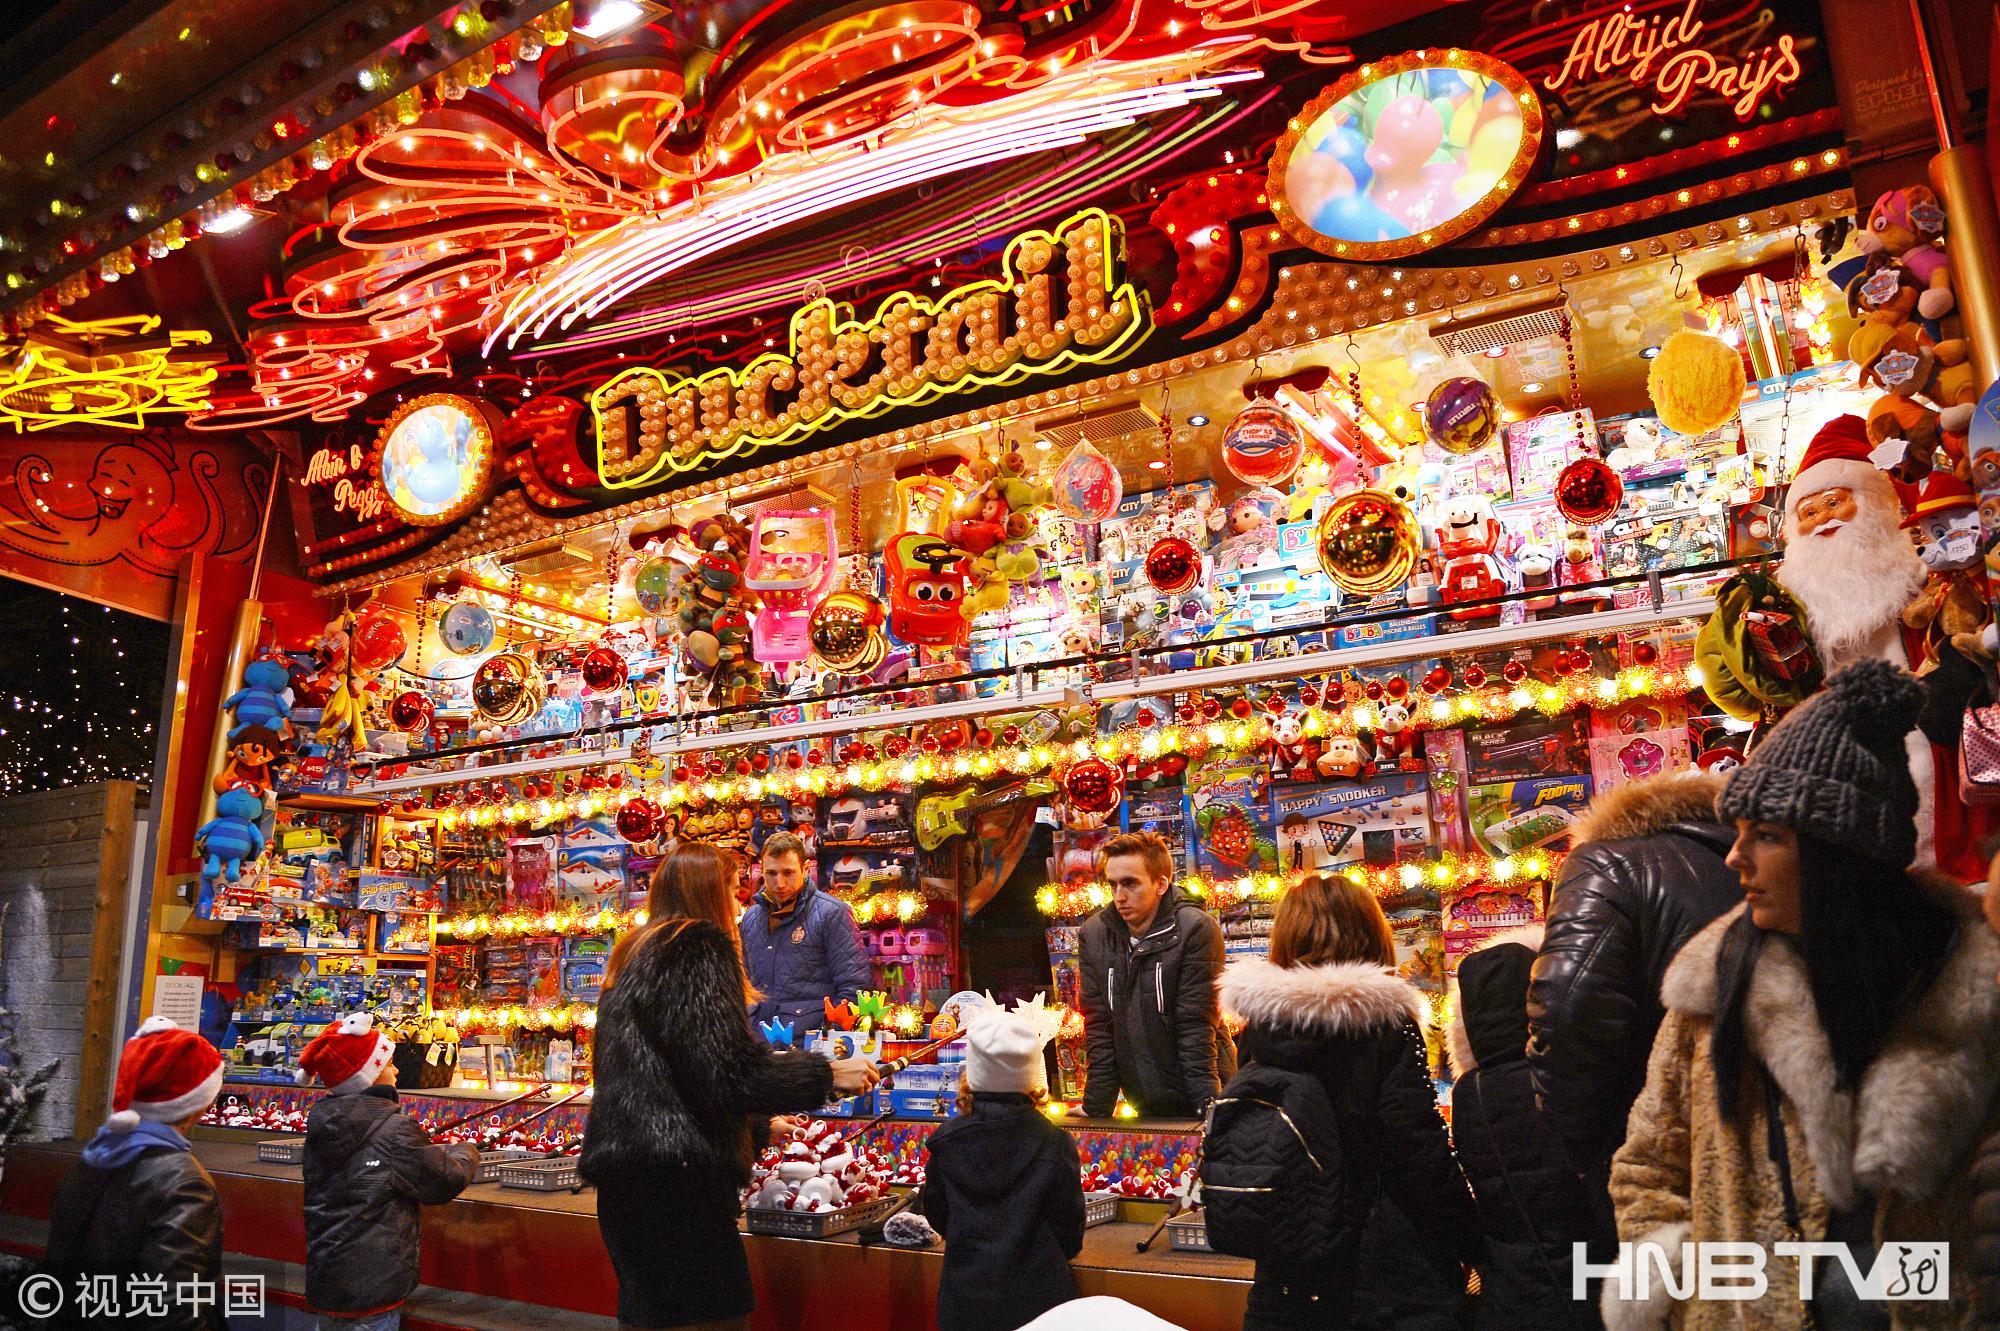 12月开启缤纷圣诞季 玩转全球最地道的圣诞市集